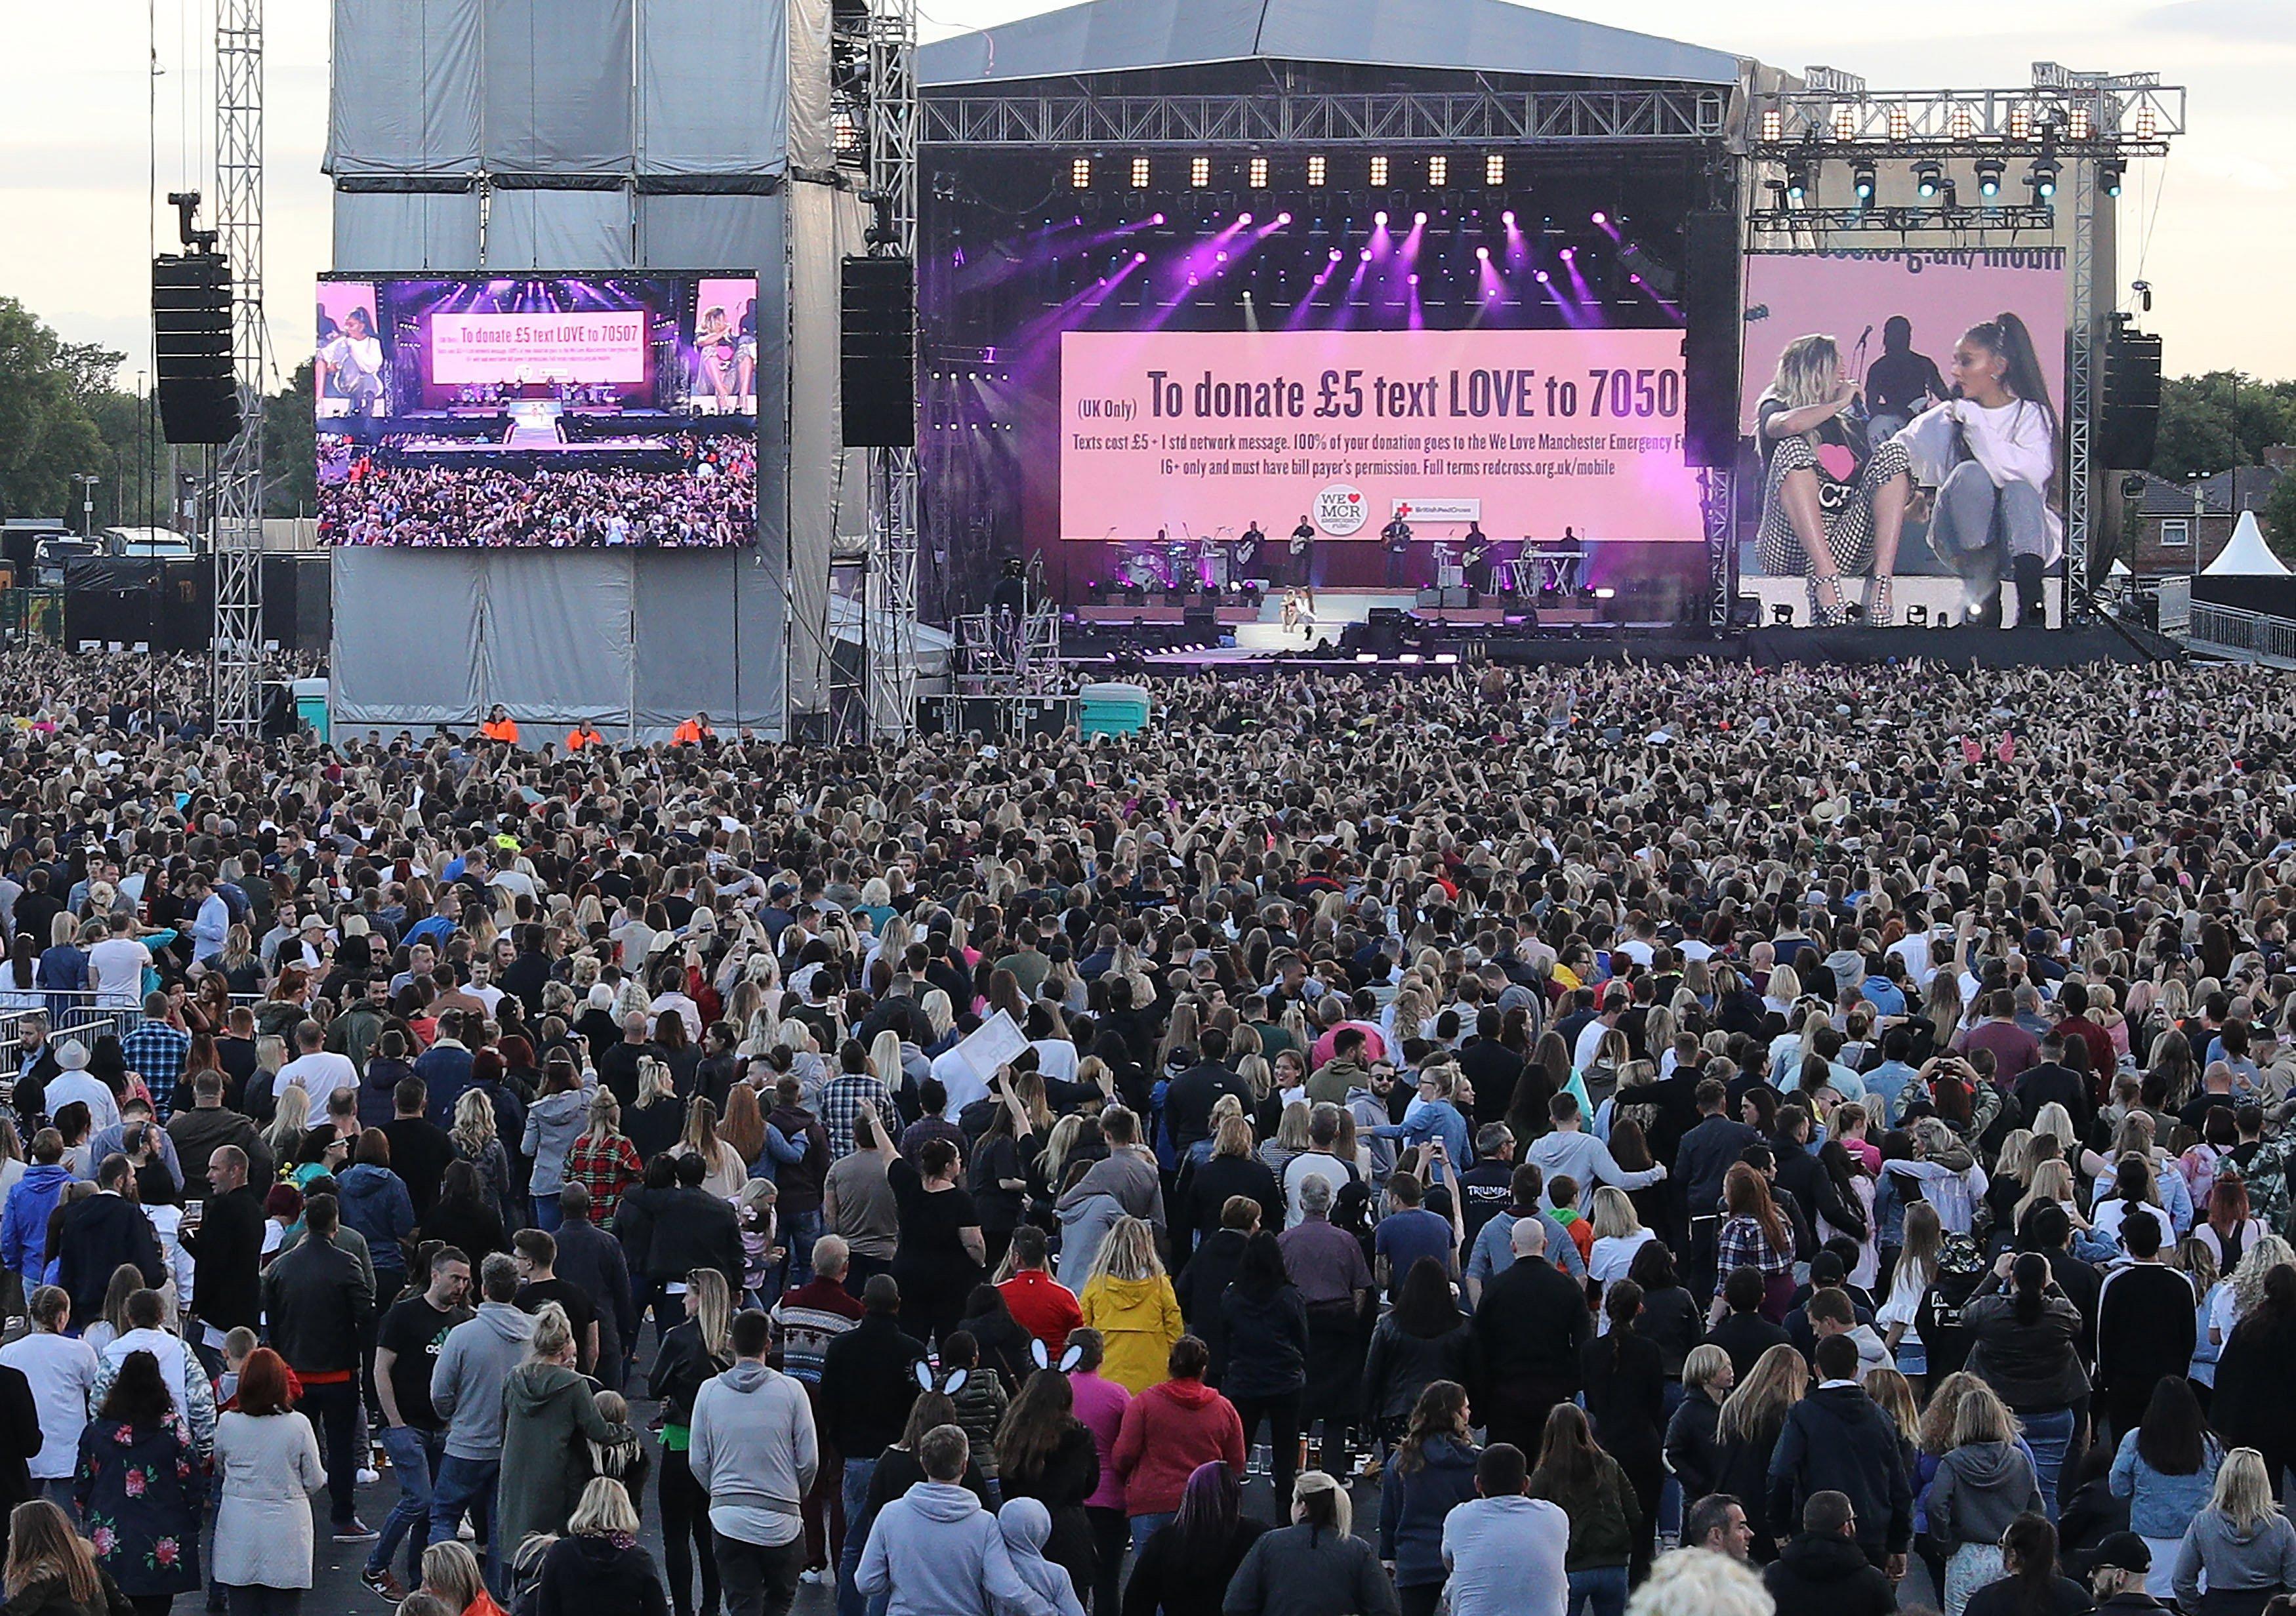 Ariana Grande i Miley Cyrus en l'escenari durant el seu concert One Love Manchester en el Old Trafford Cricket Ground a Manchester, Regne Unit./ NIGEL RODDIS